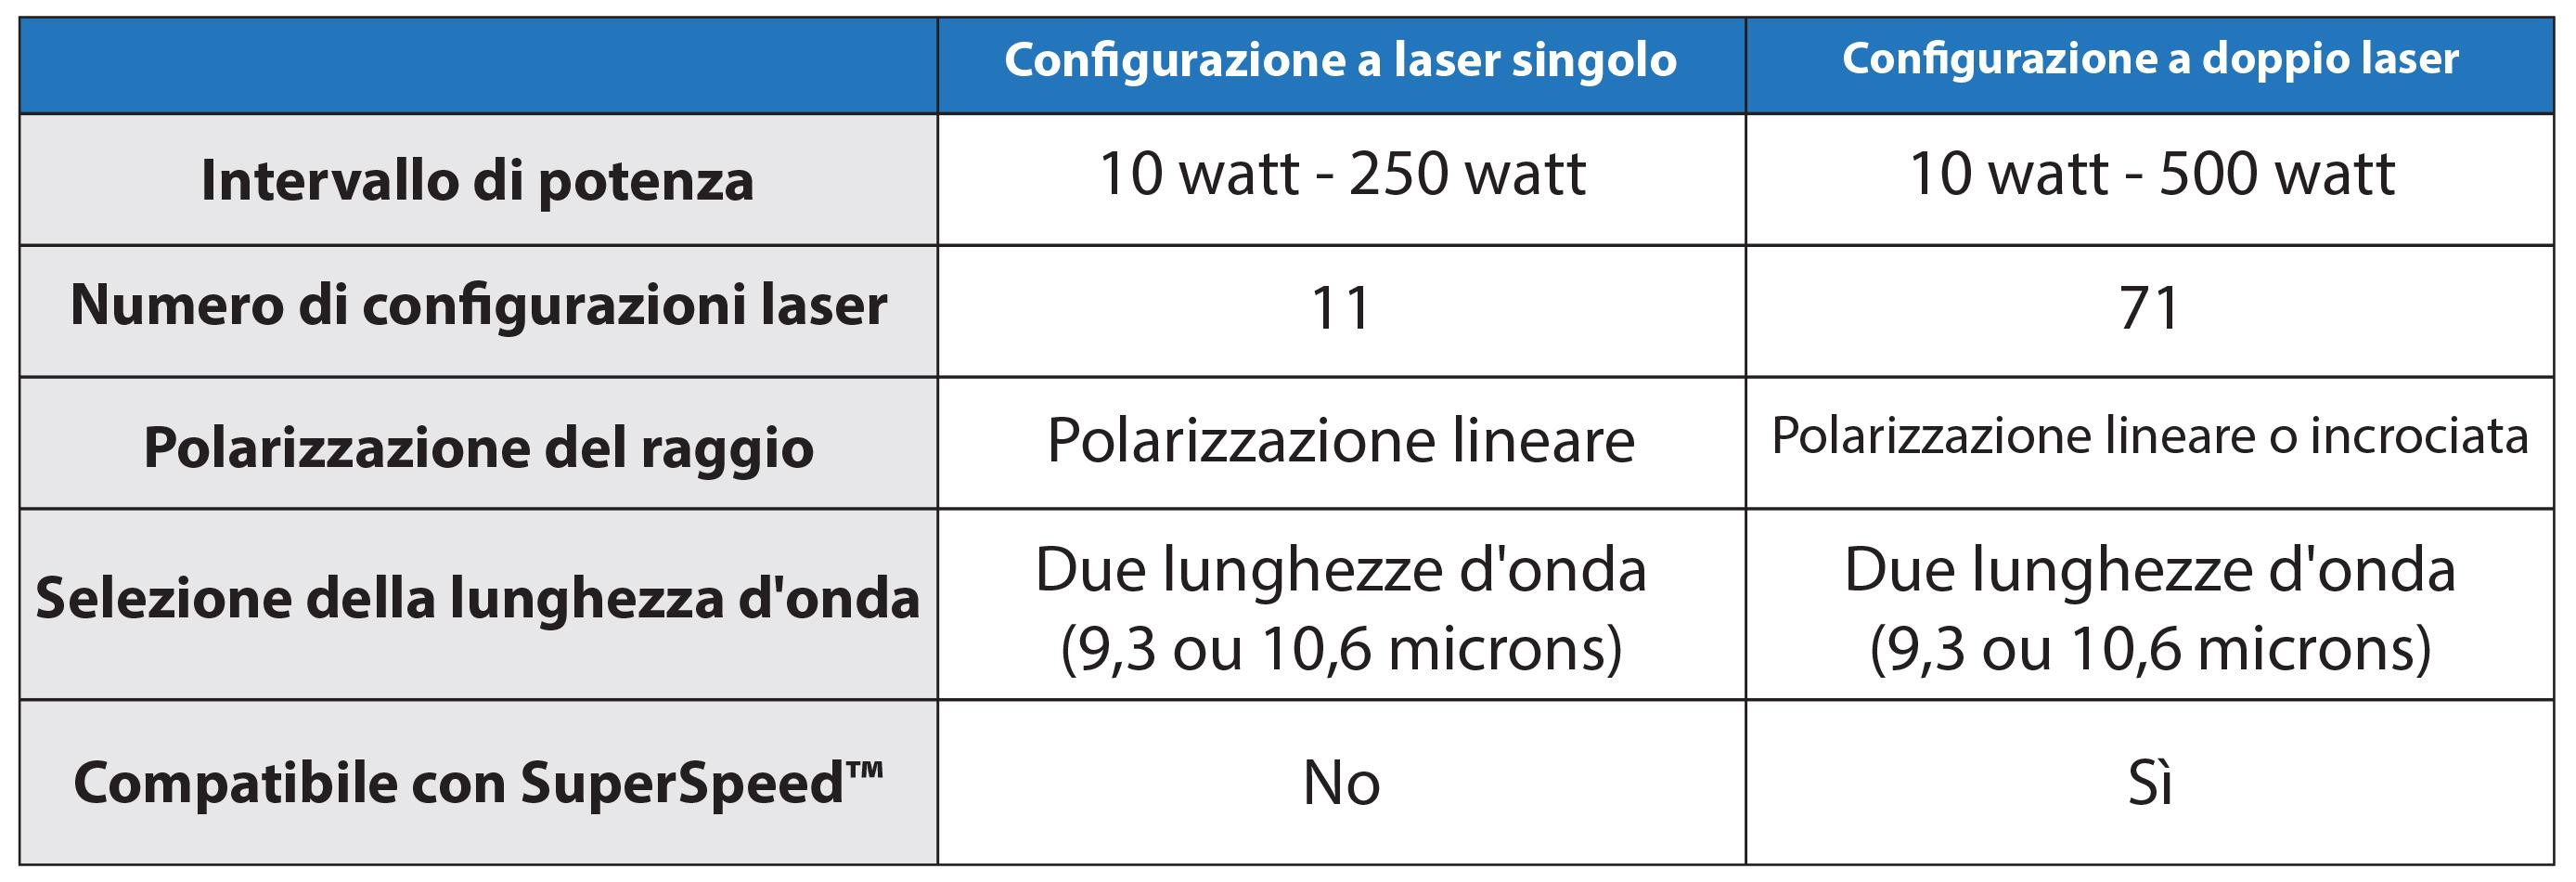 Tabella comparativa tra configurazione a laser singolo e configurazione a doppio laser